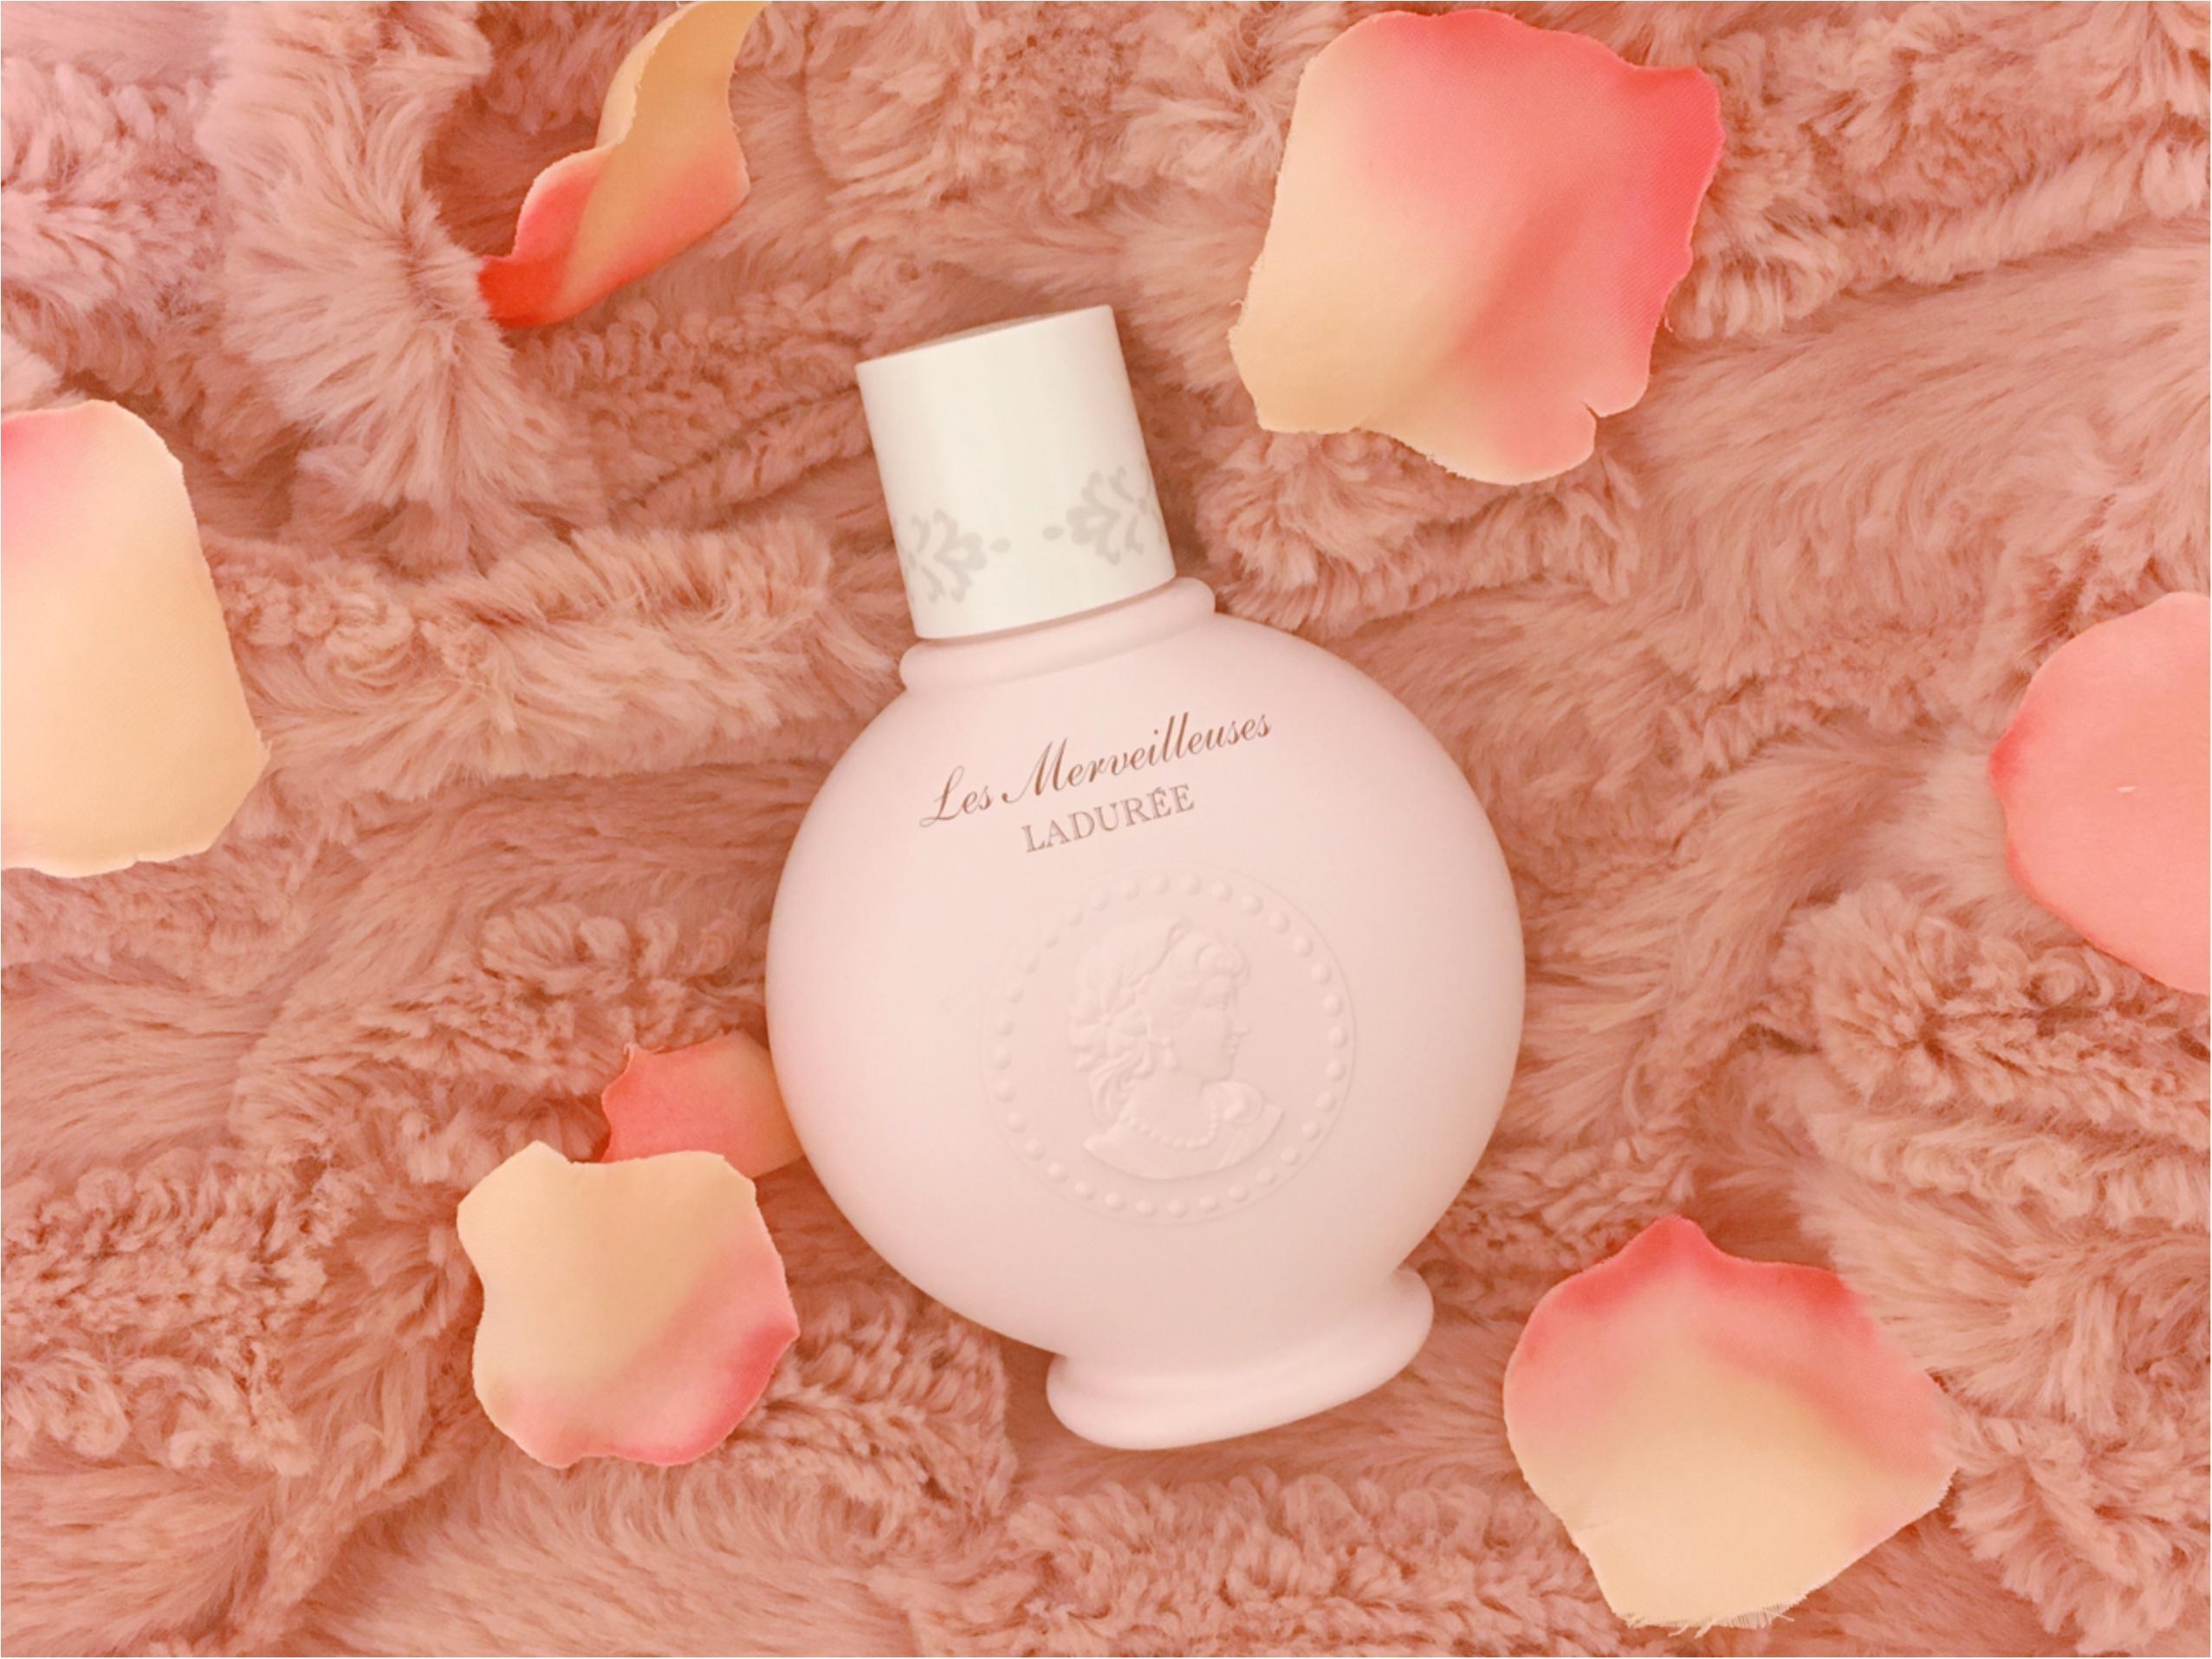 ふわっといい香り♡この冬、いいオンナ度上がるボディクリーム3選_3